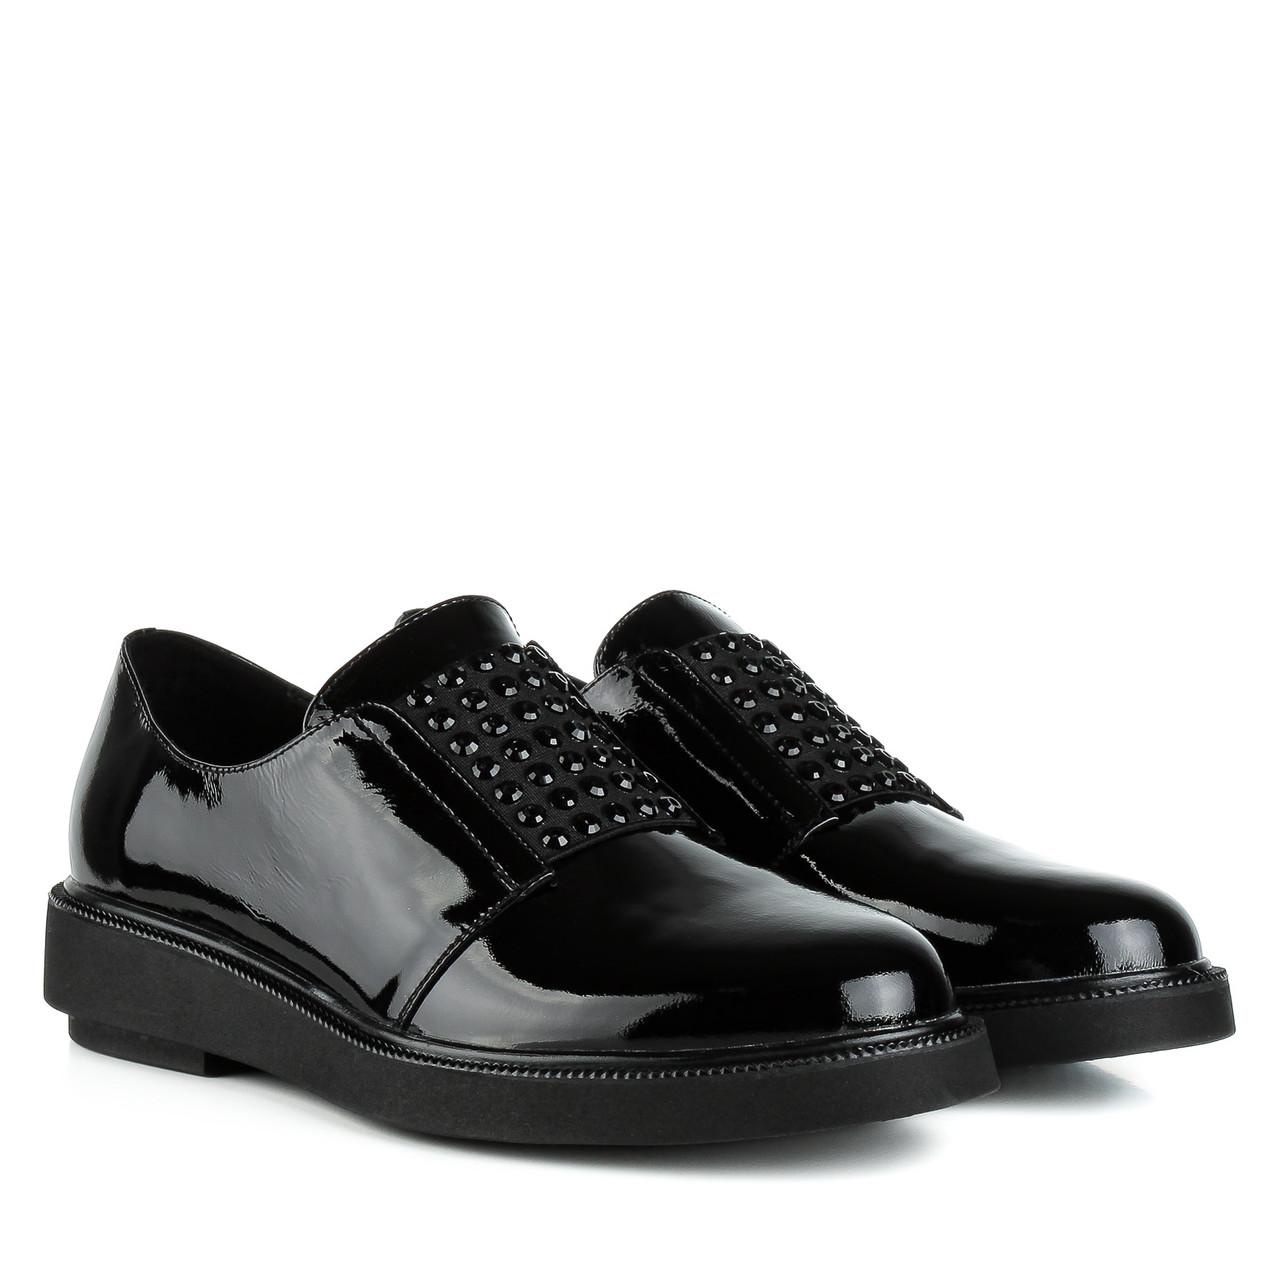 Туфли женские LADY MARCIA (черные, натуральные, стильные, удобные)